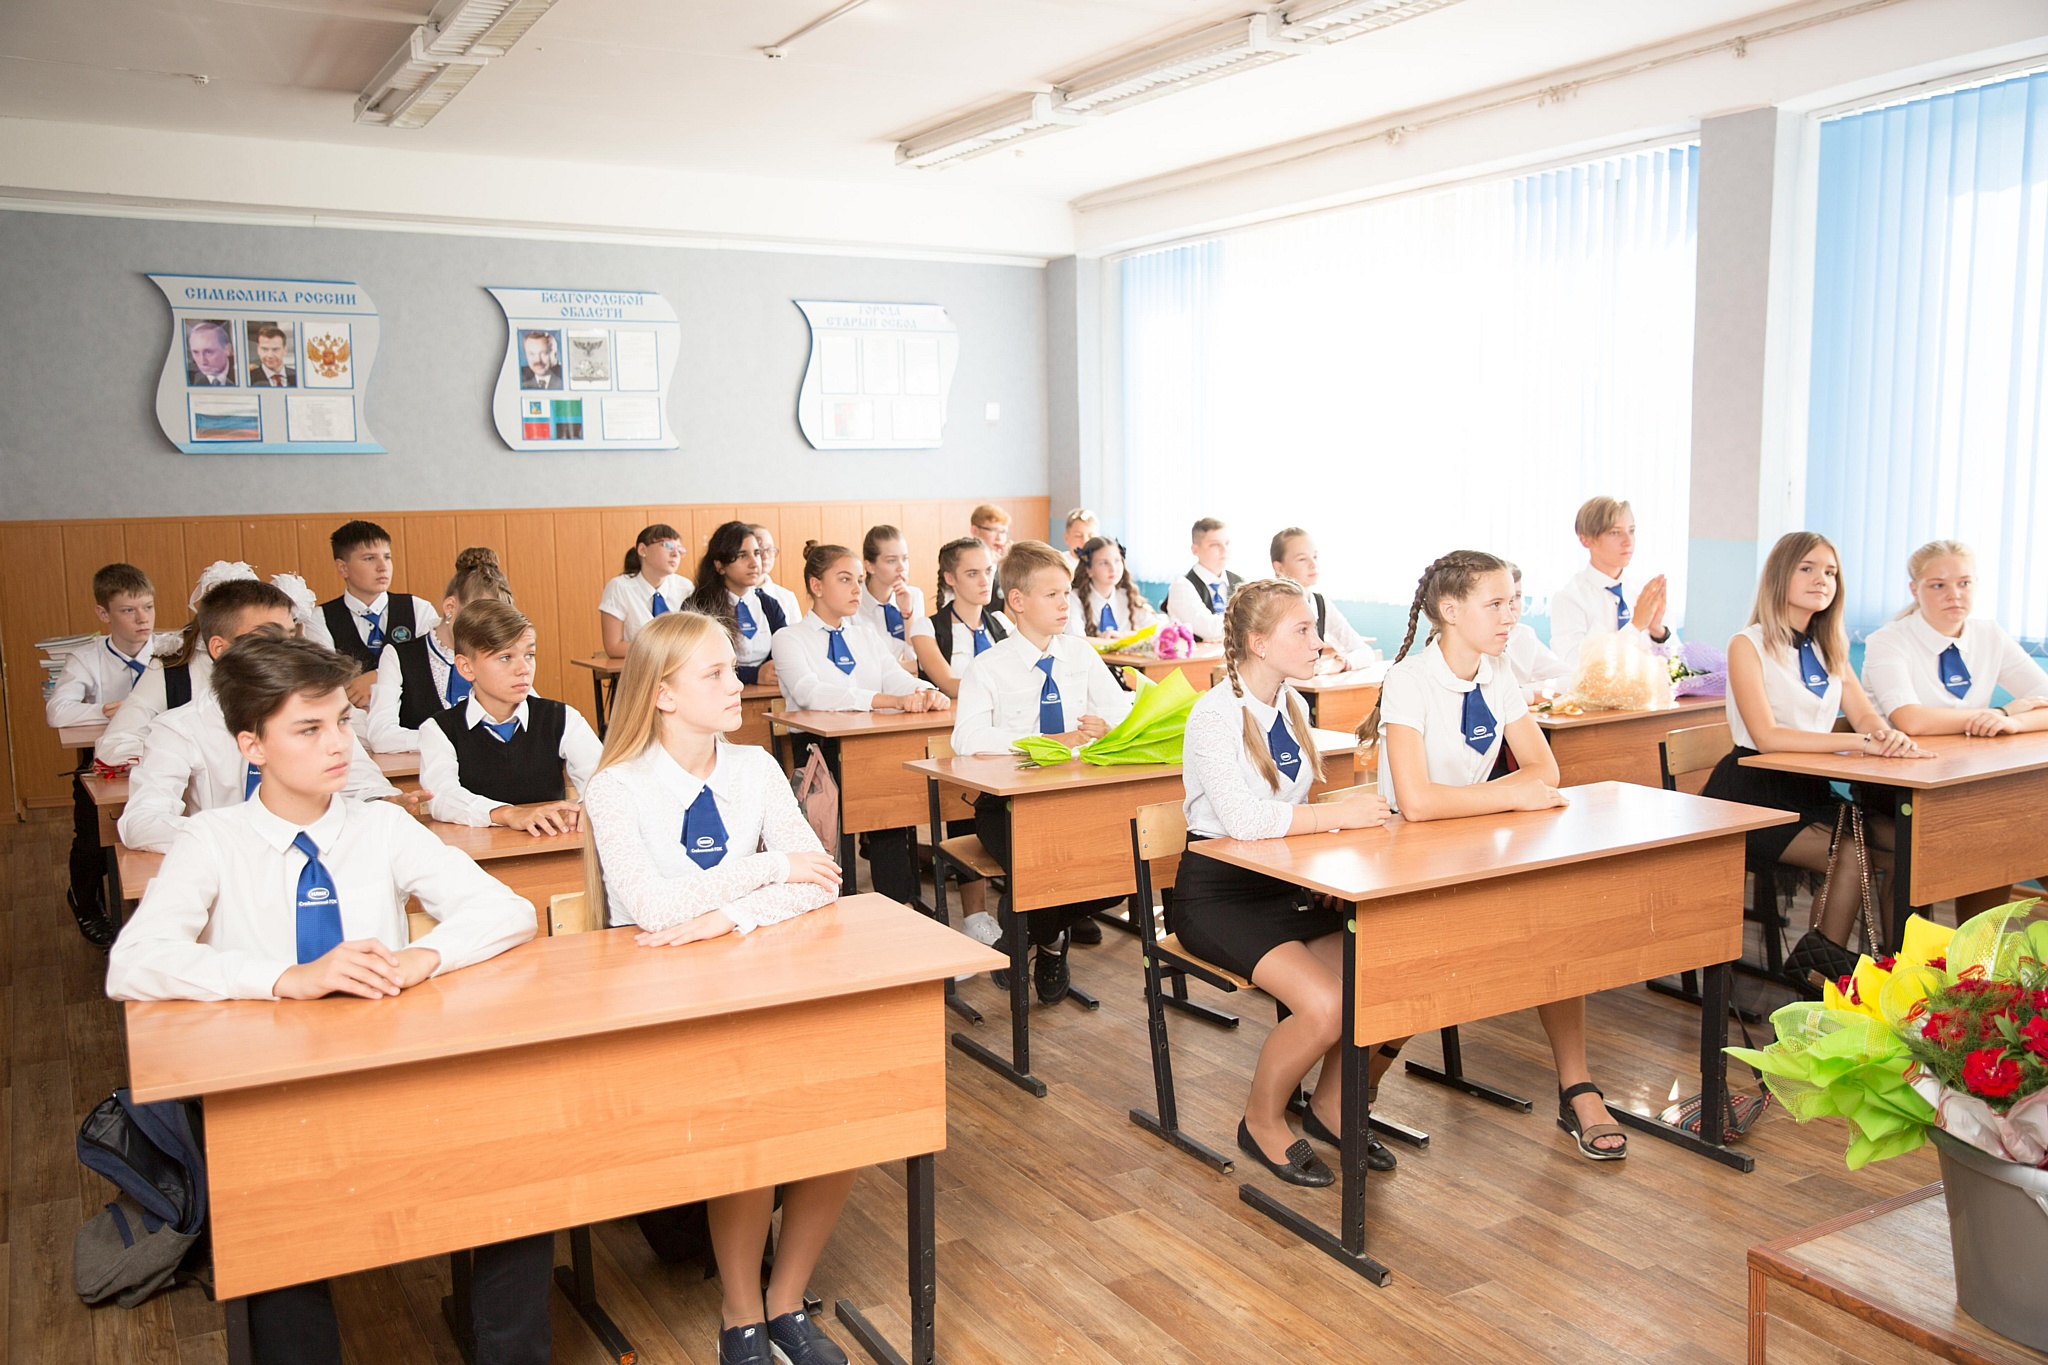 Более семи тысяч юных старооскольцев приняли участие в проектах СГОКа по профориентации